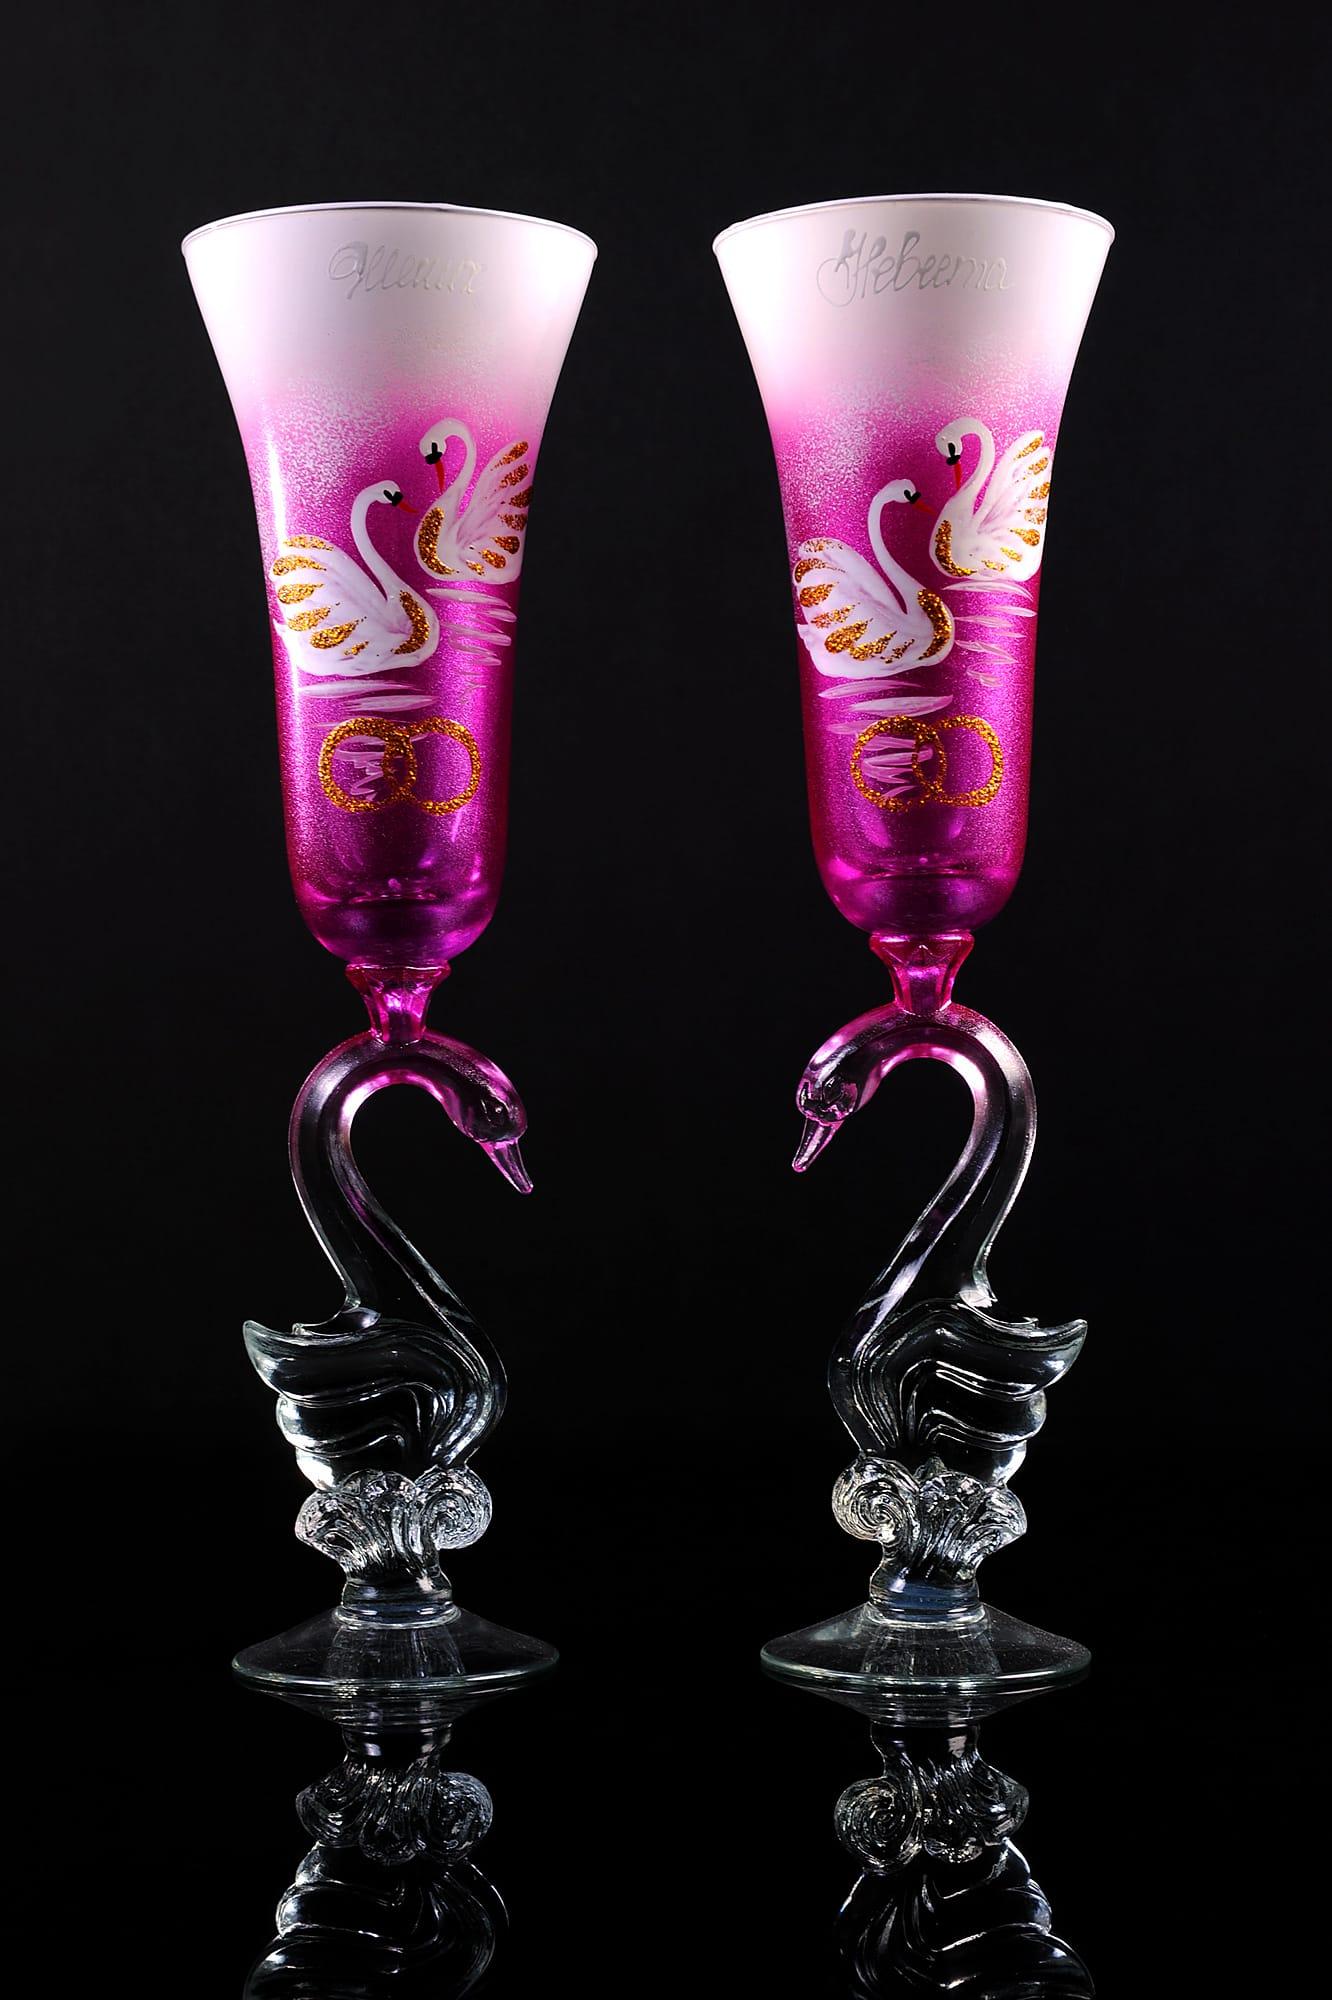 Оригинальные свадебные бокалы с ножками в виде лебедей и цветным рисунком.